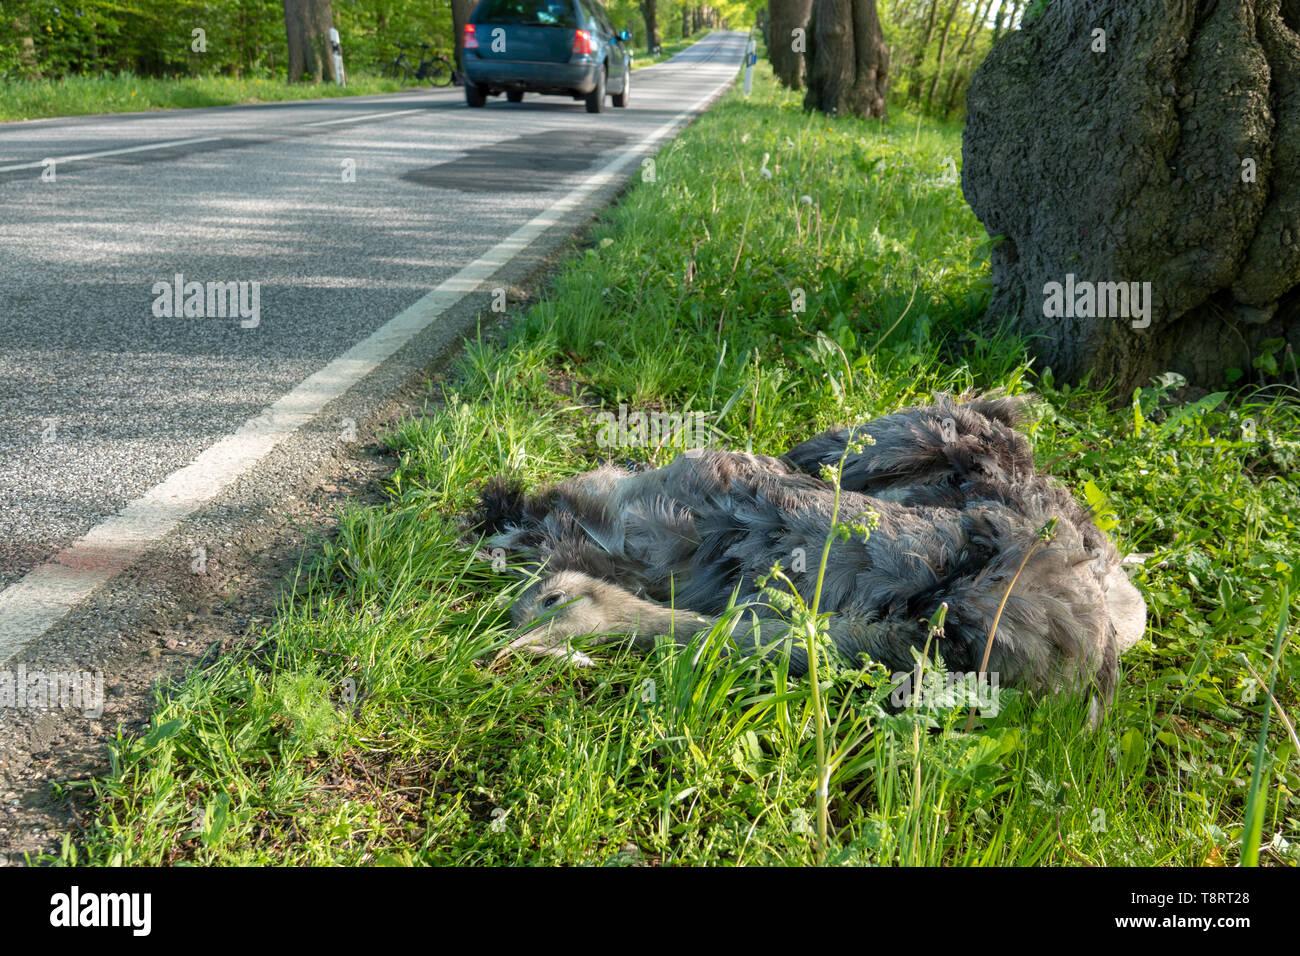 Ein toter Nandu liegt direkt an der Straße nach einer Kollision mit einem Auto Stockfoto